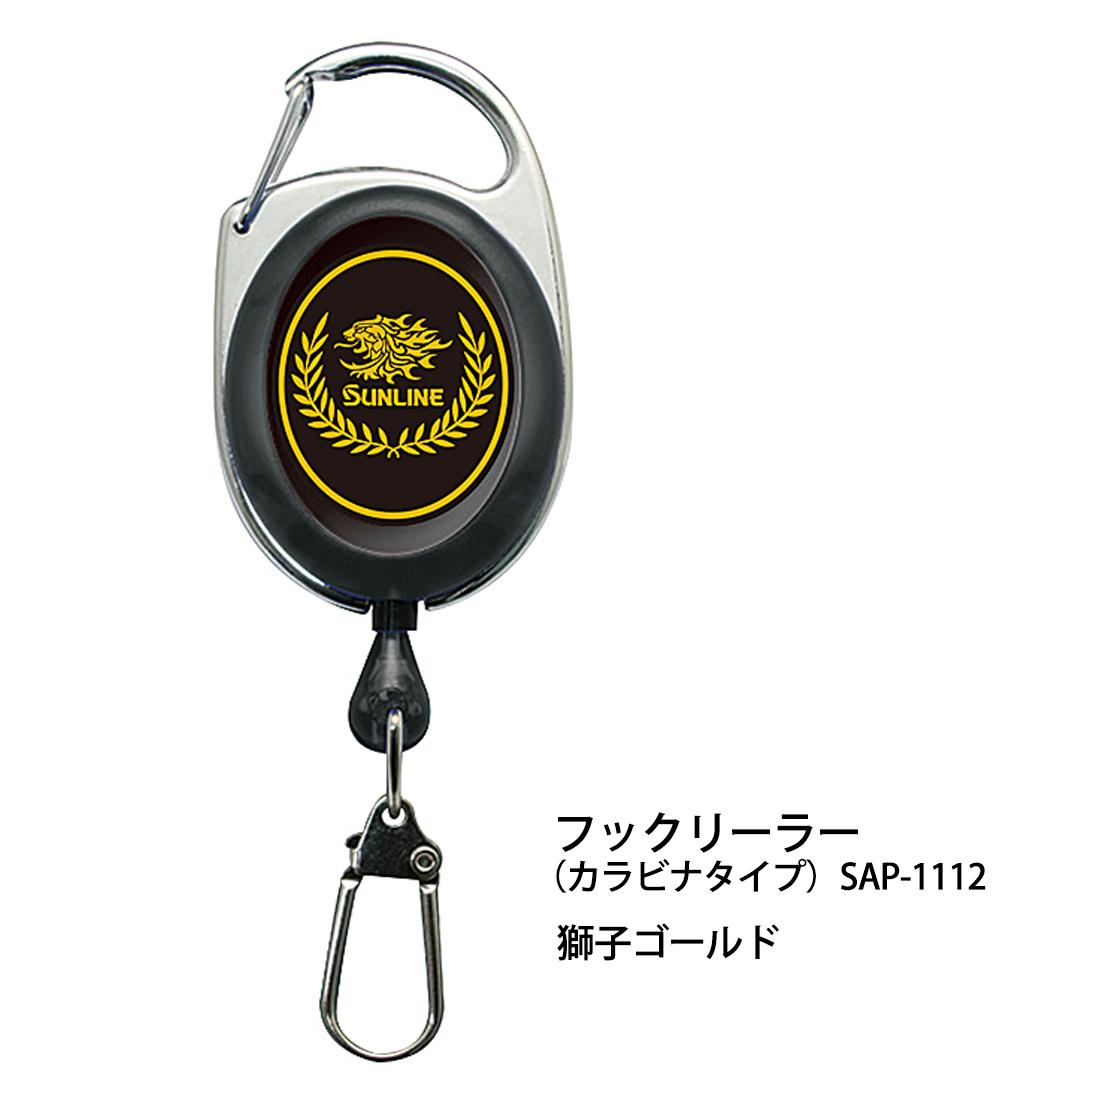 フックリーラー SAP-1112